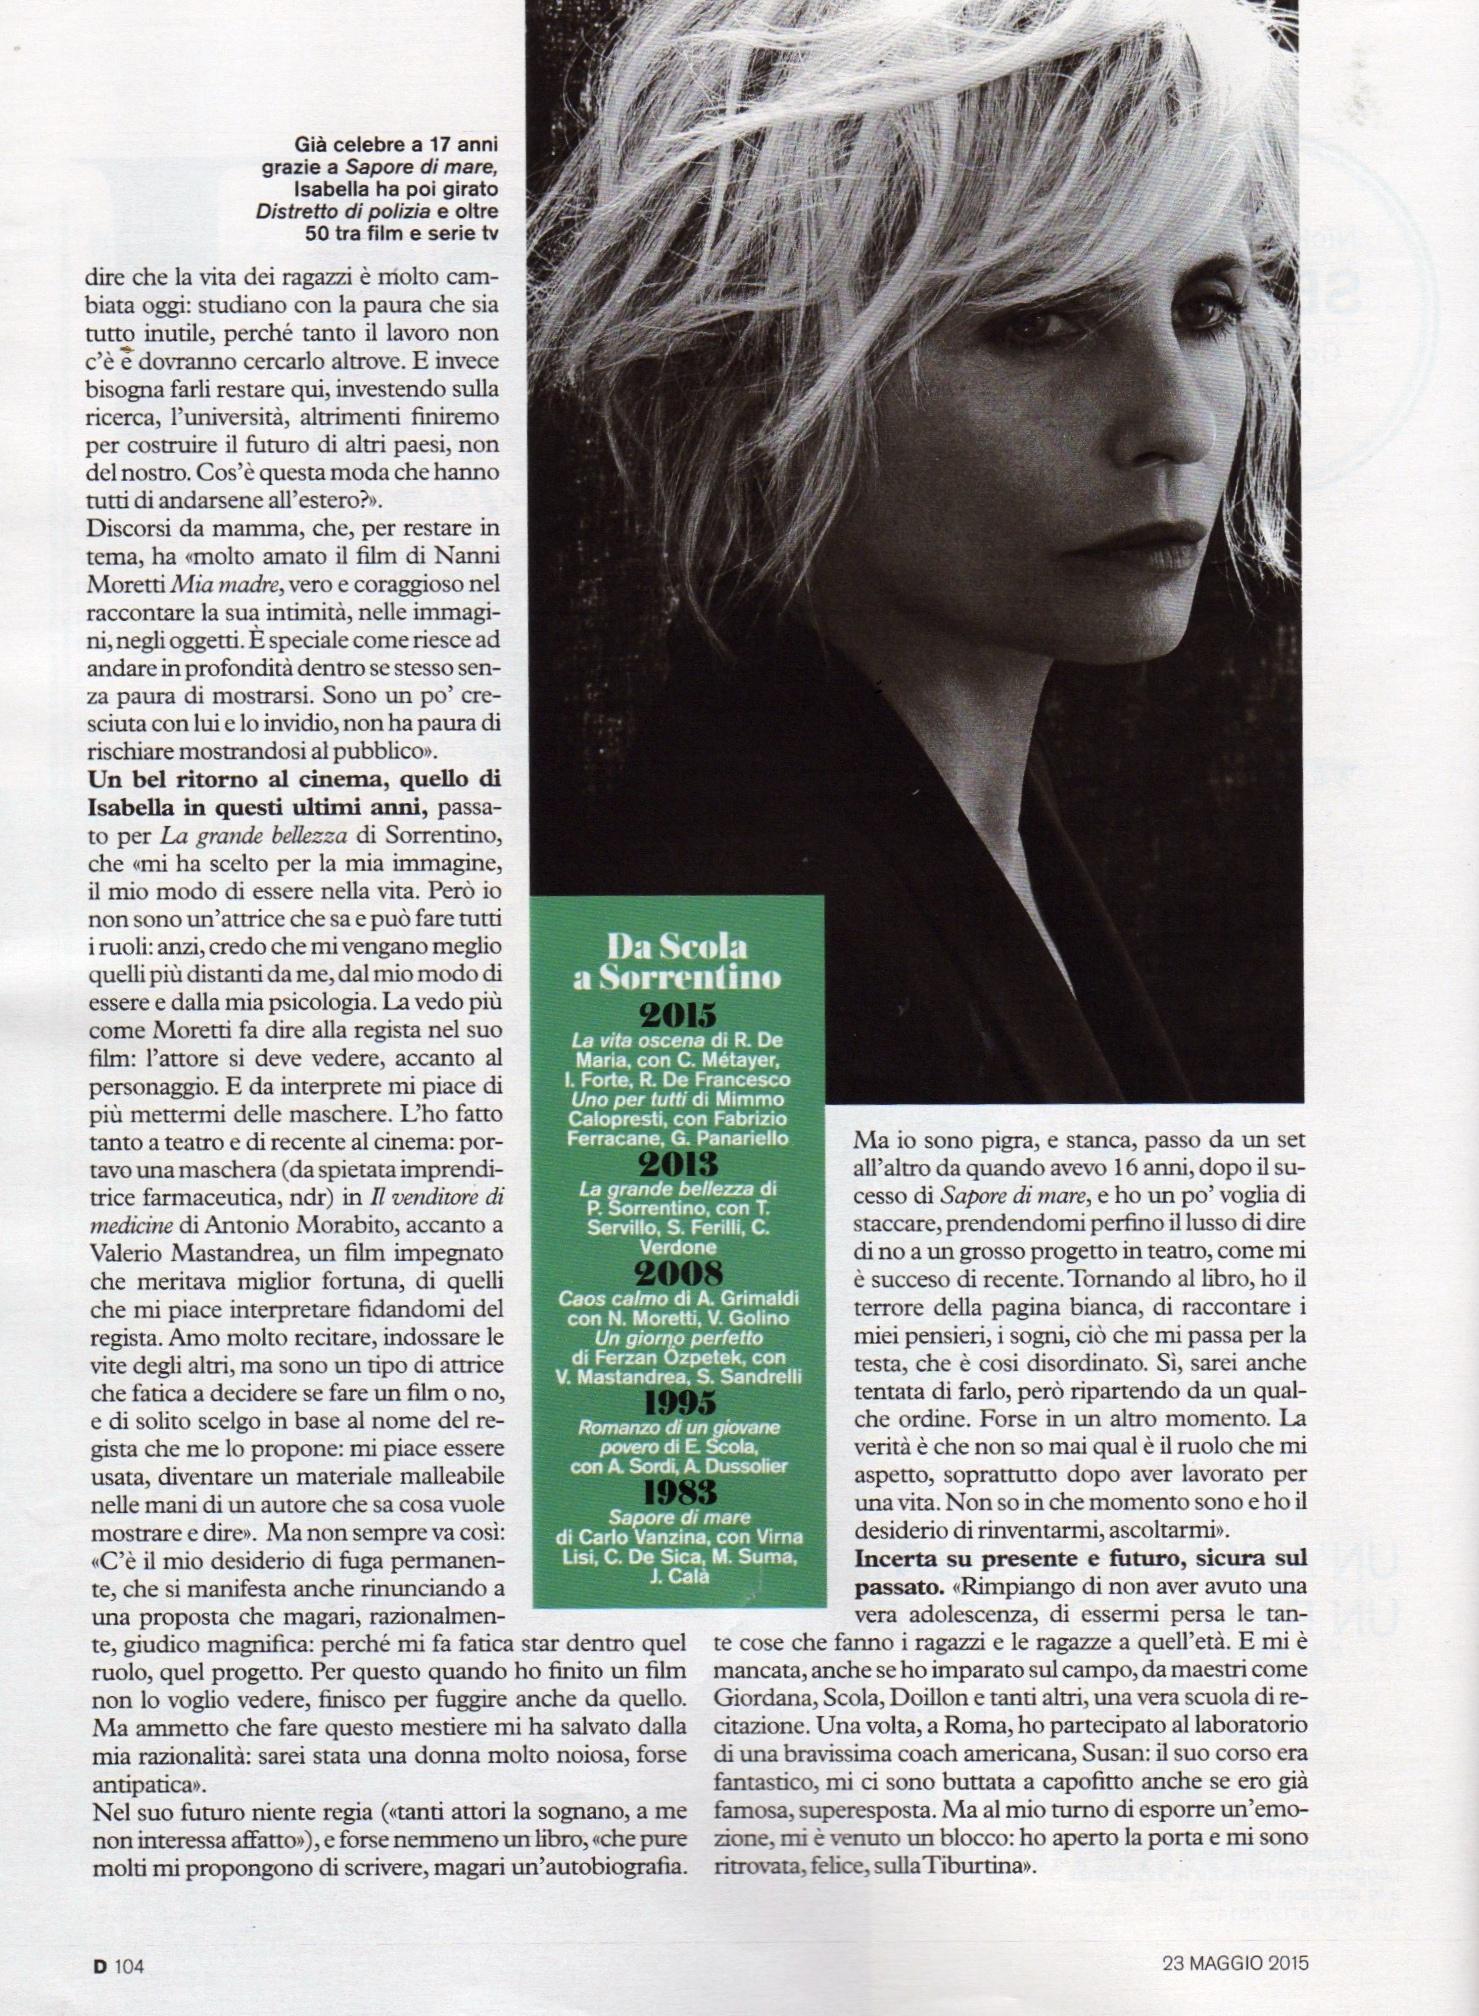 Isabella Ferrari D di Repubblica 23-5-2015 3